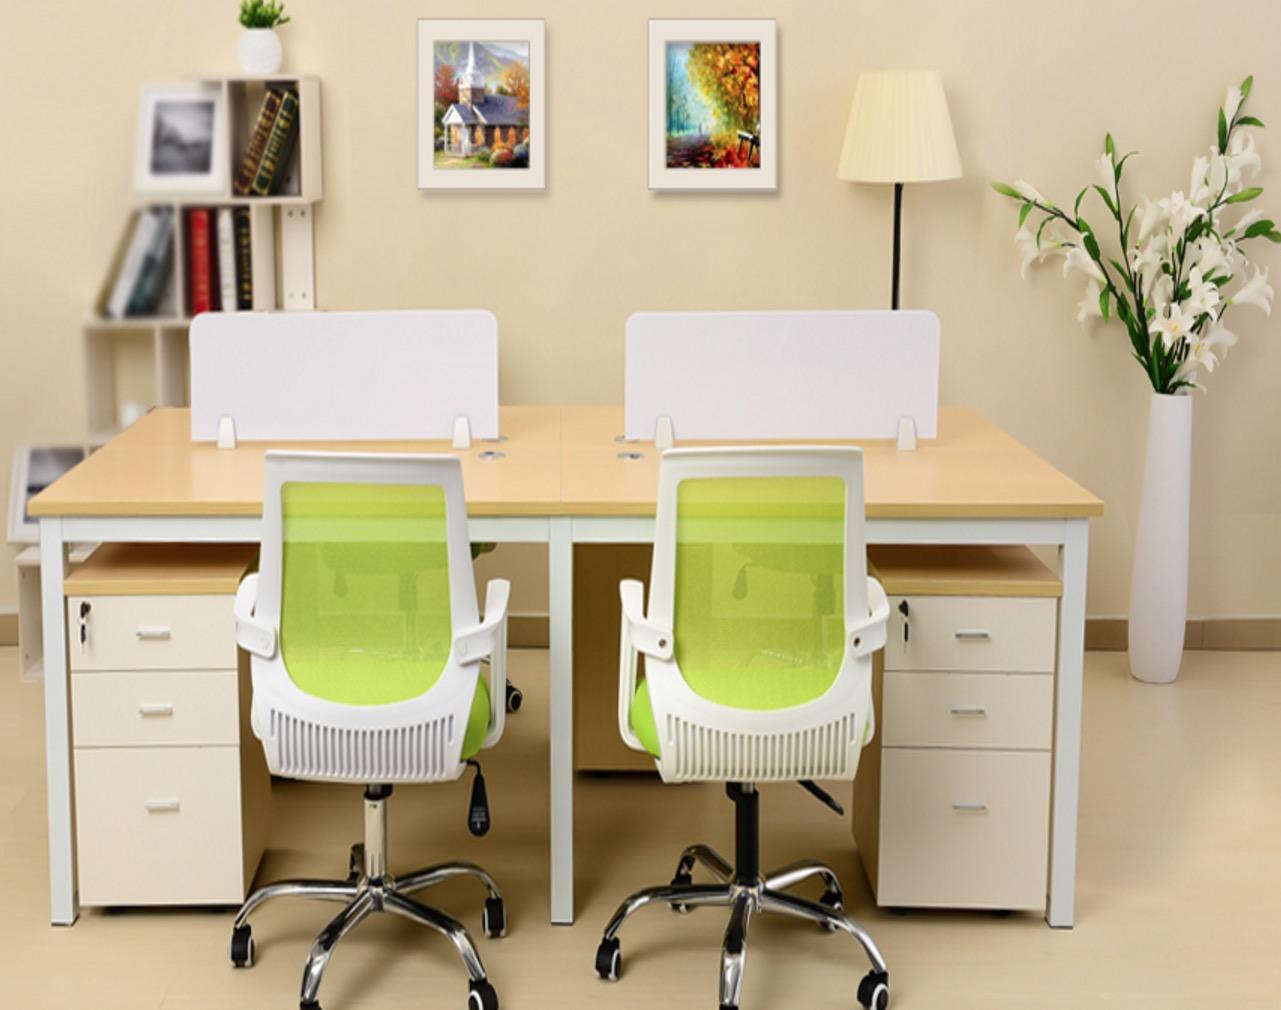 沈阳办公椅厂家合作网站建设及推广一年